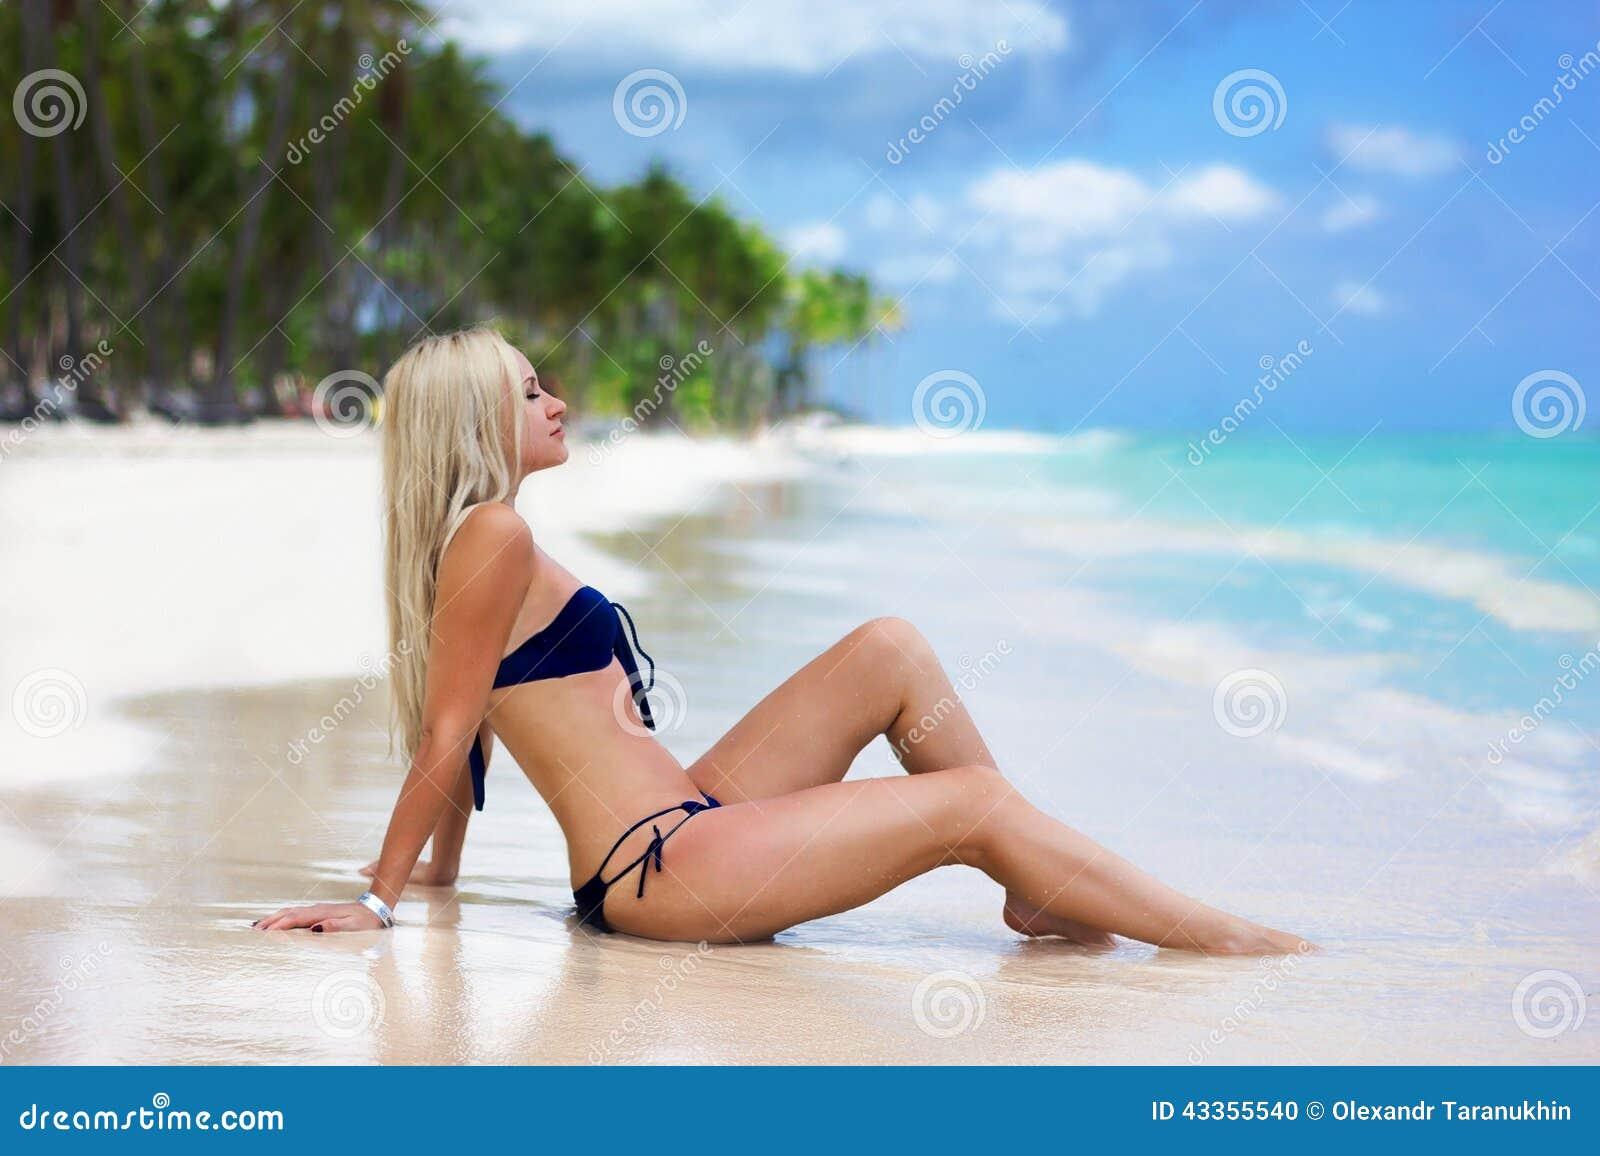 красивые девушки на пляже картинки